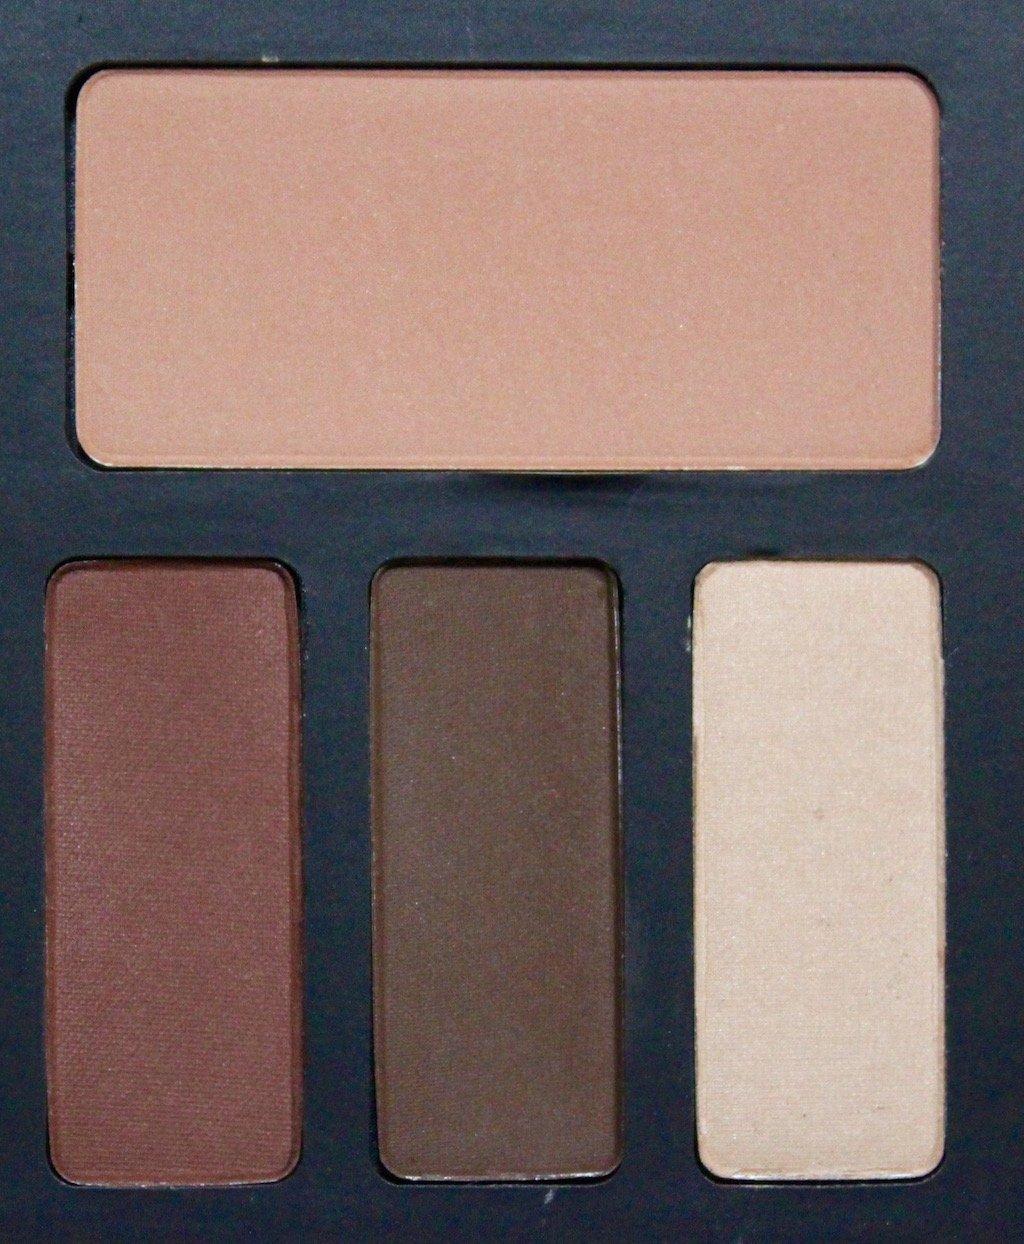 Kat Von D Shate + Light Eye Contour Palette warm quad